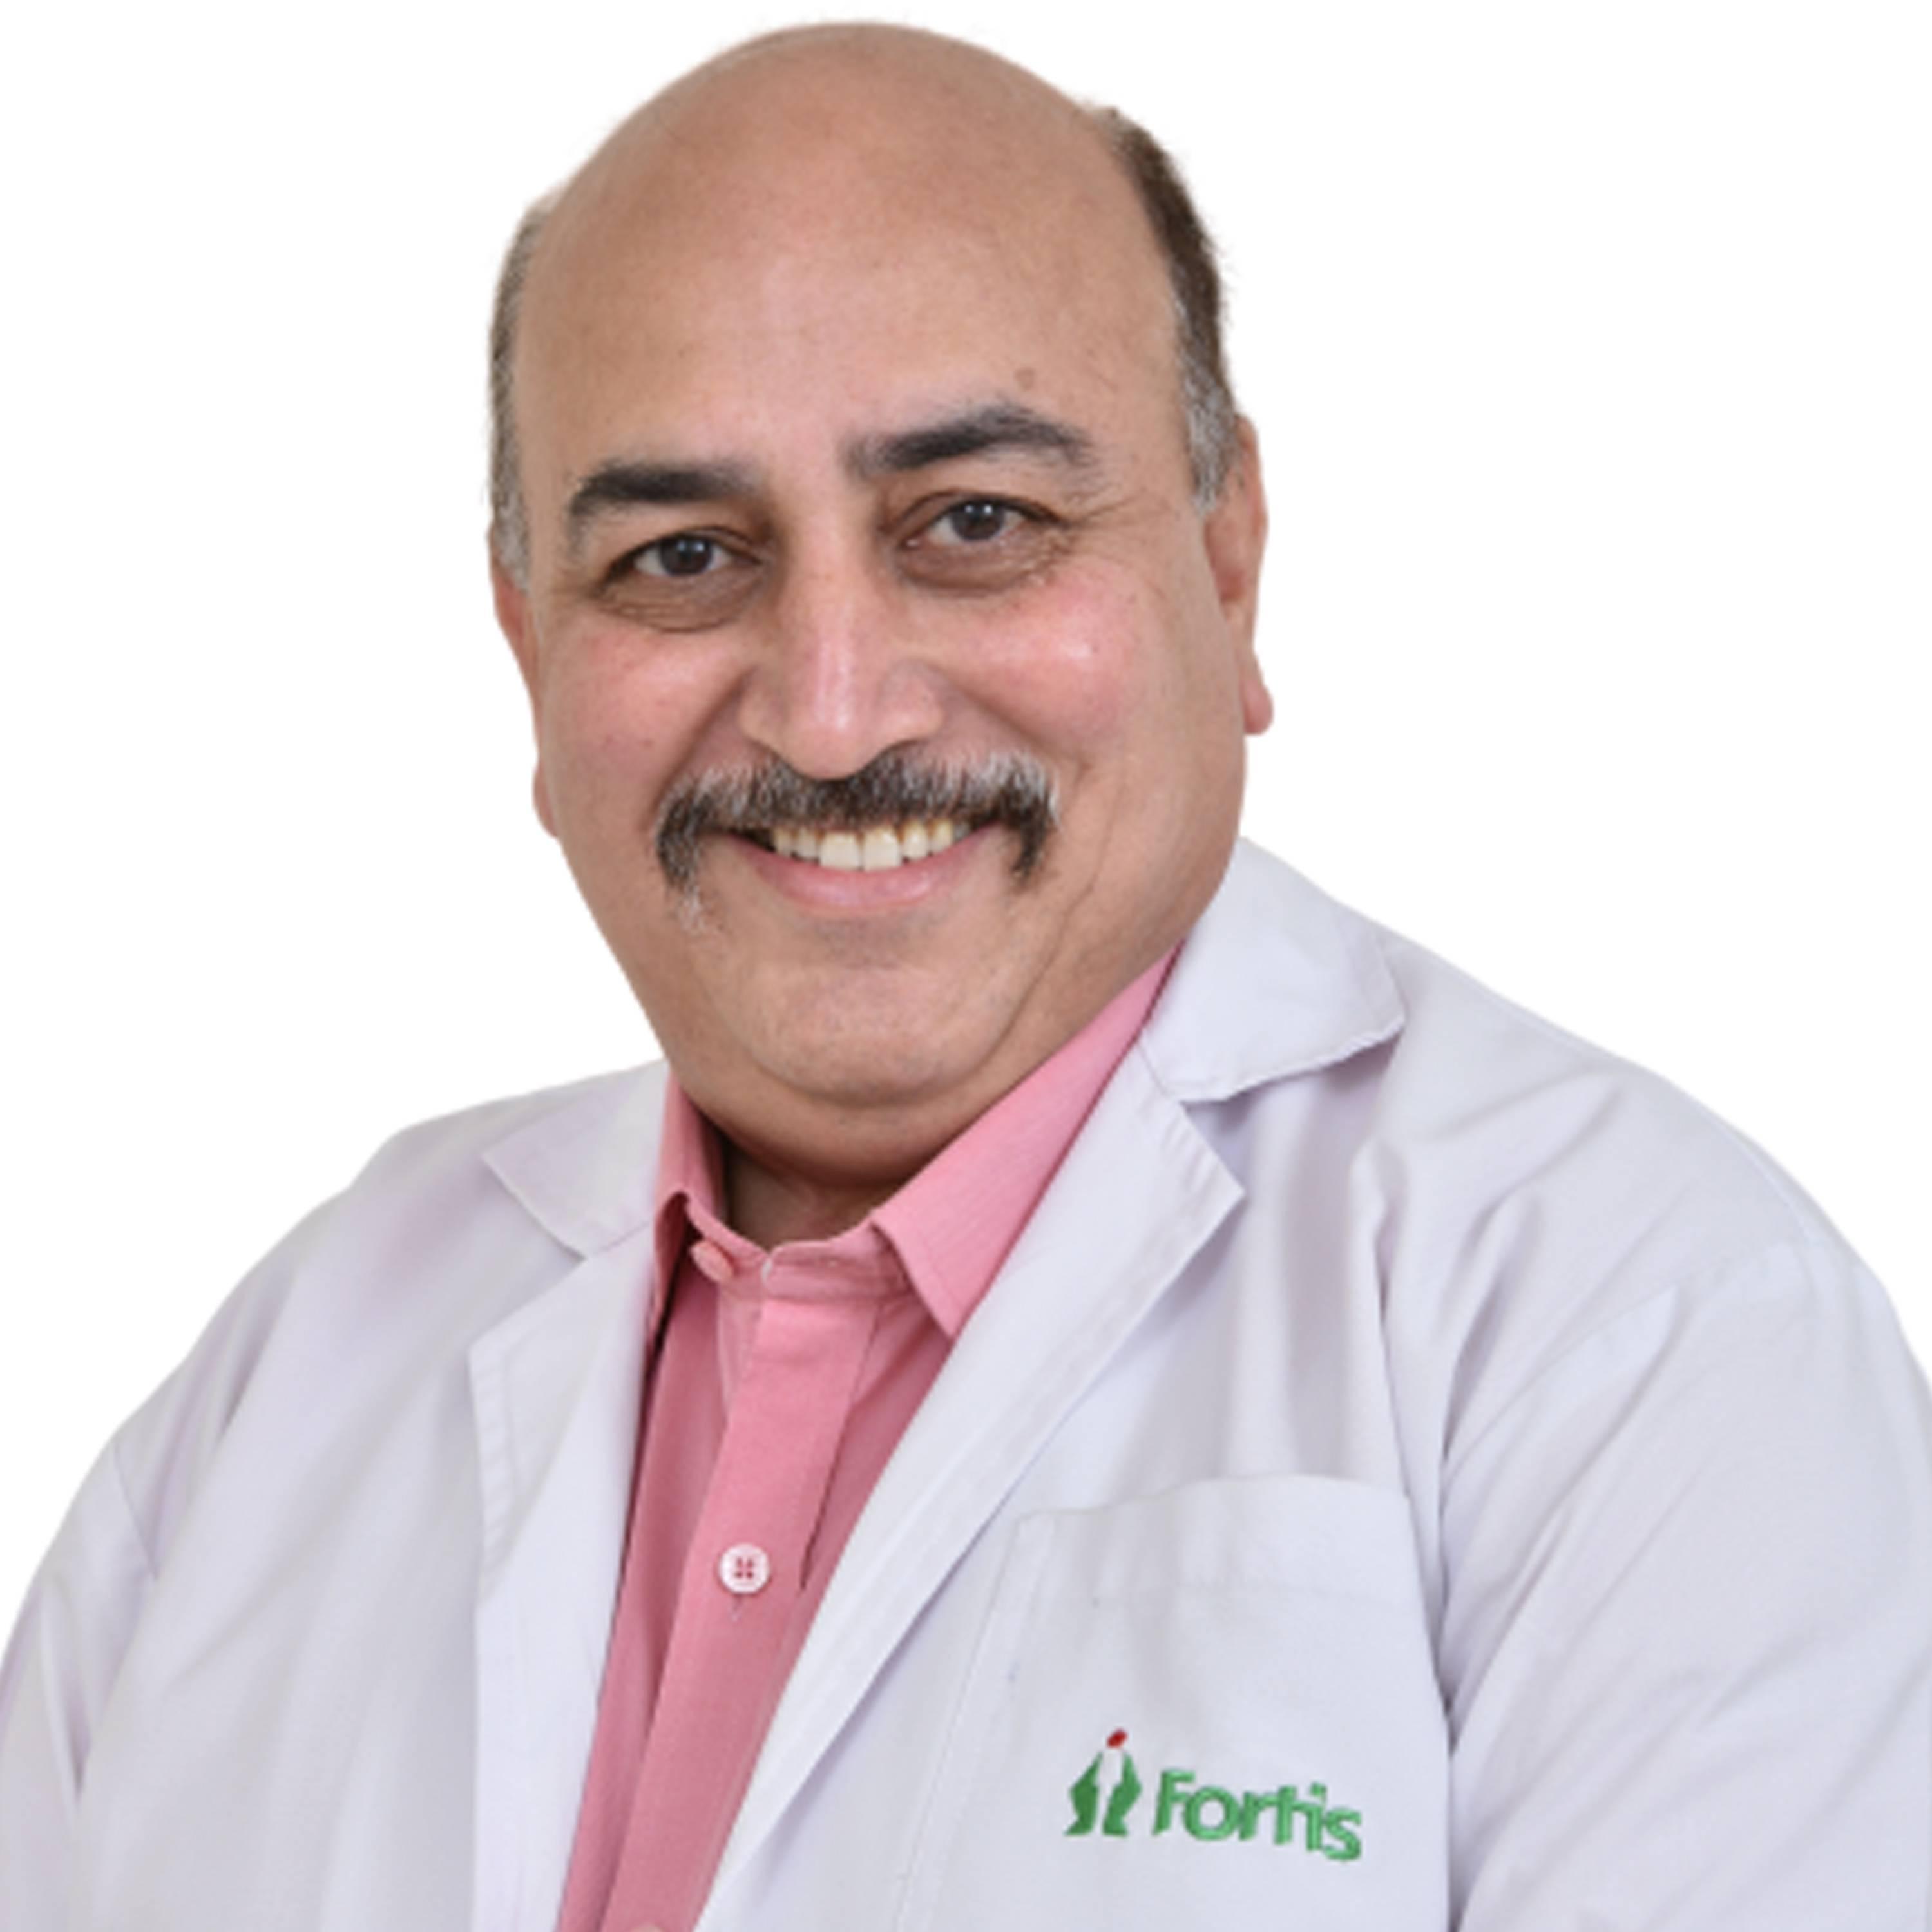 Dr. NARESH MEHTA